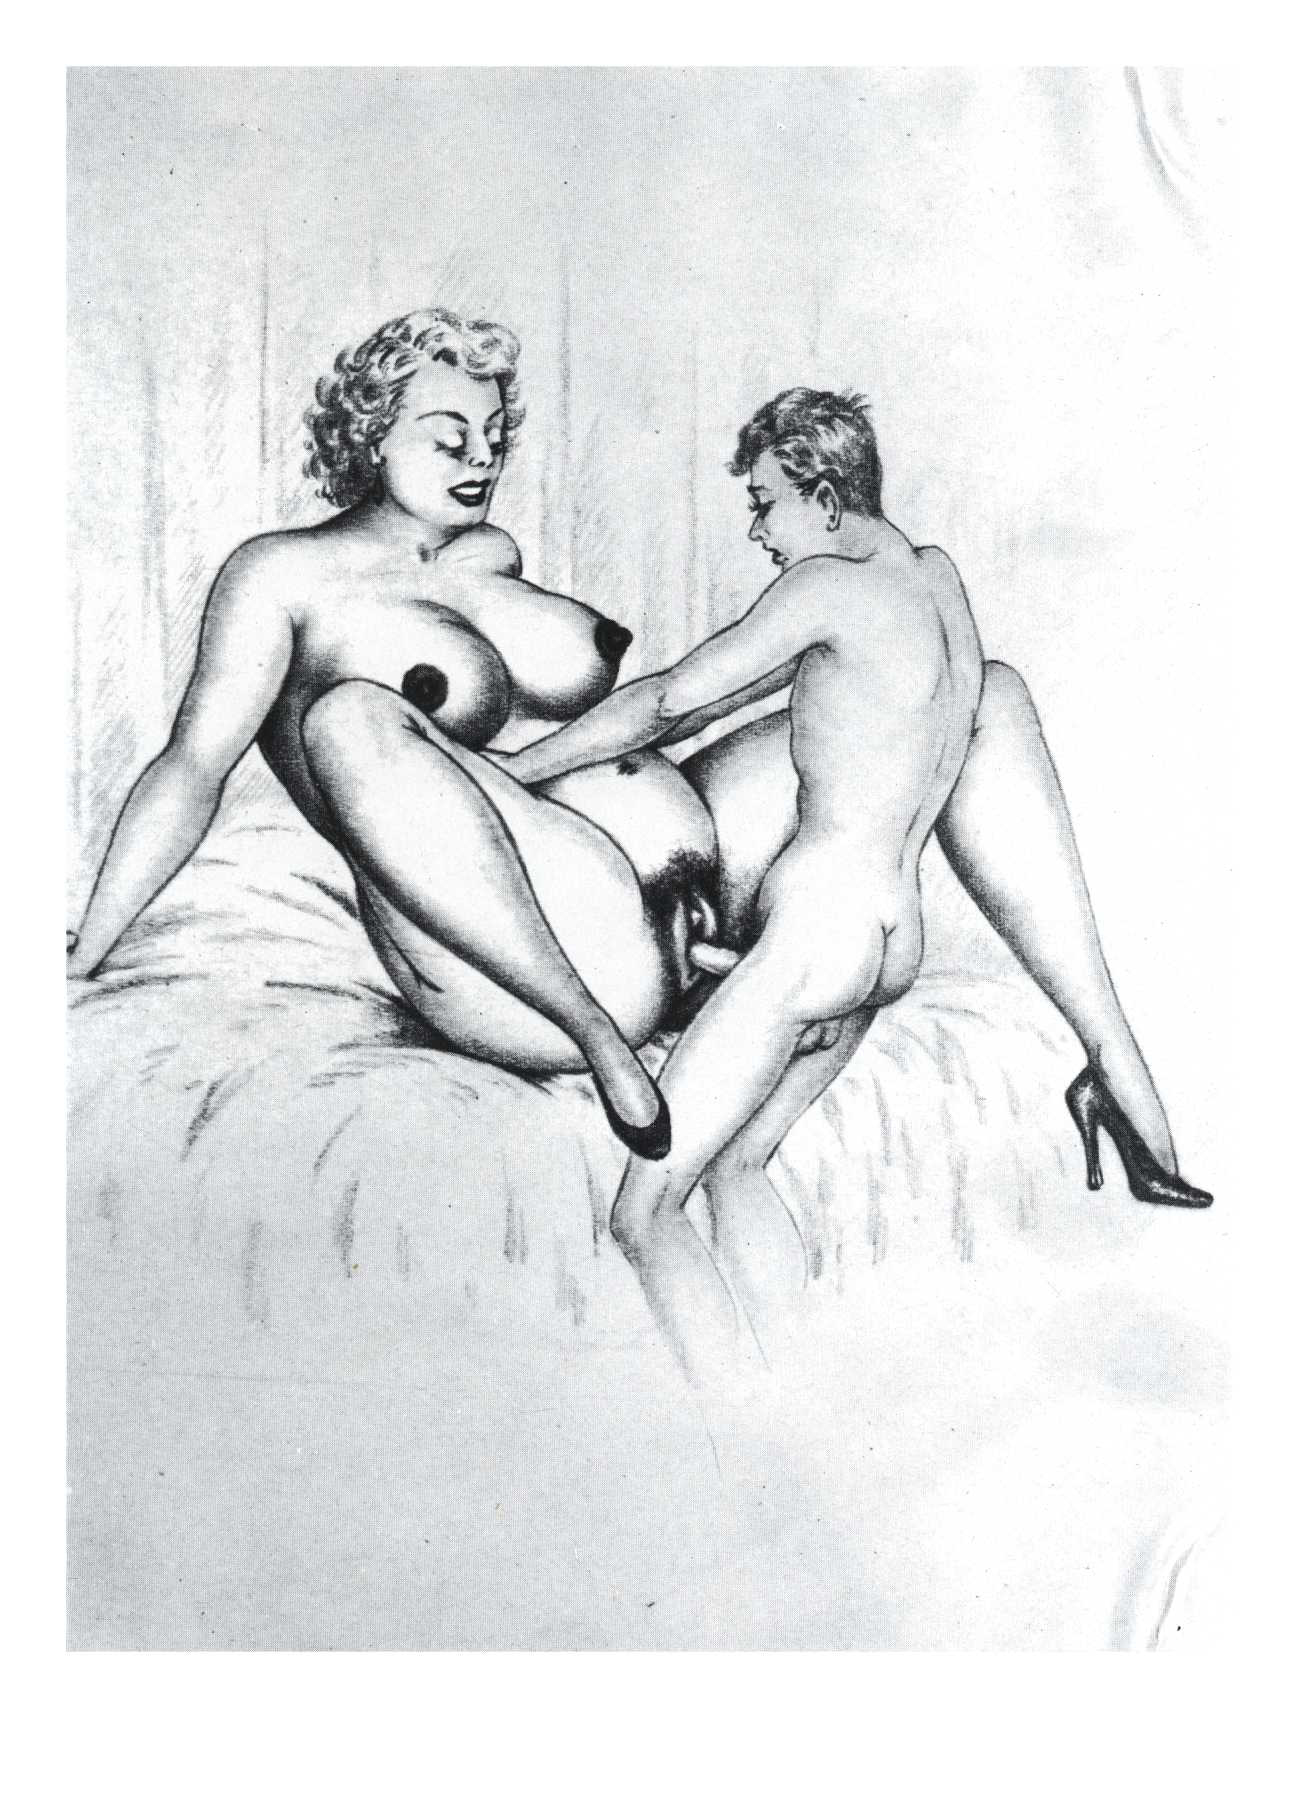 Hot!!!! free hardcore bondage like sex want